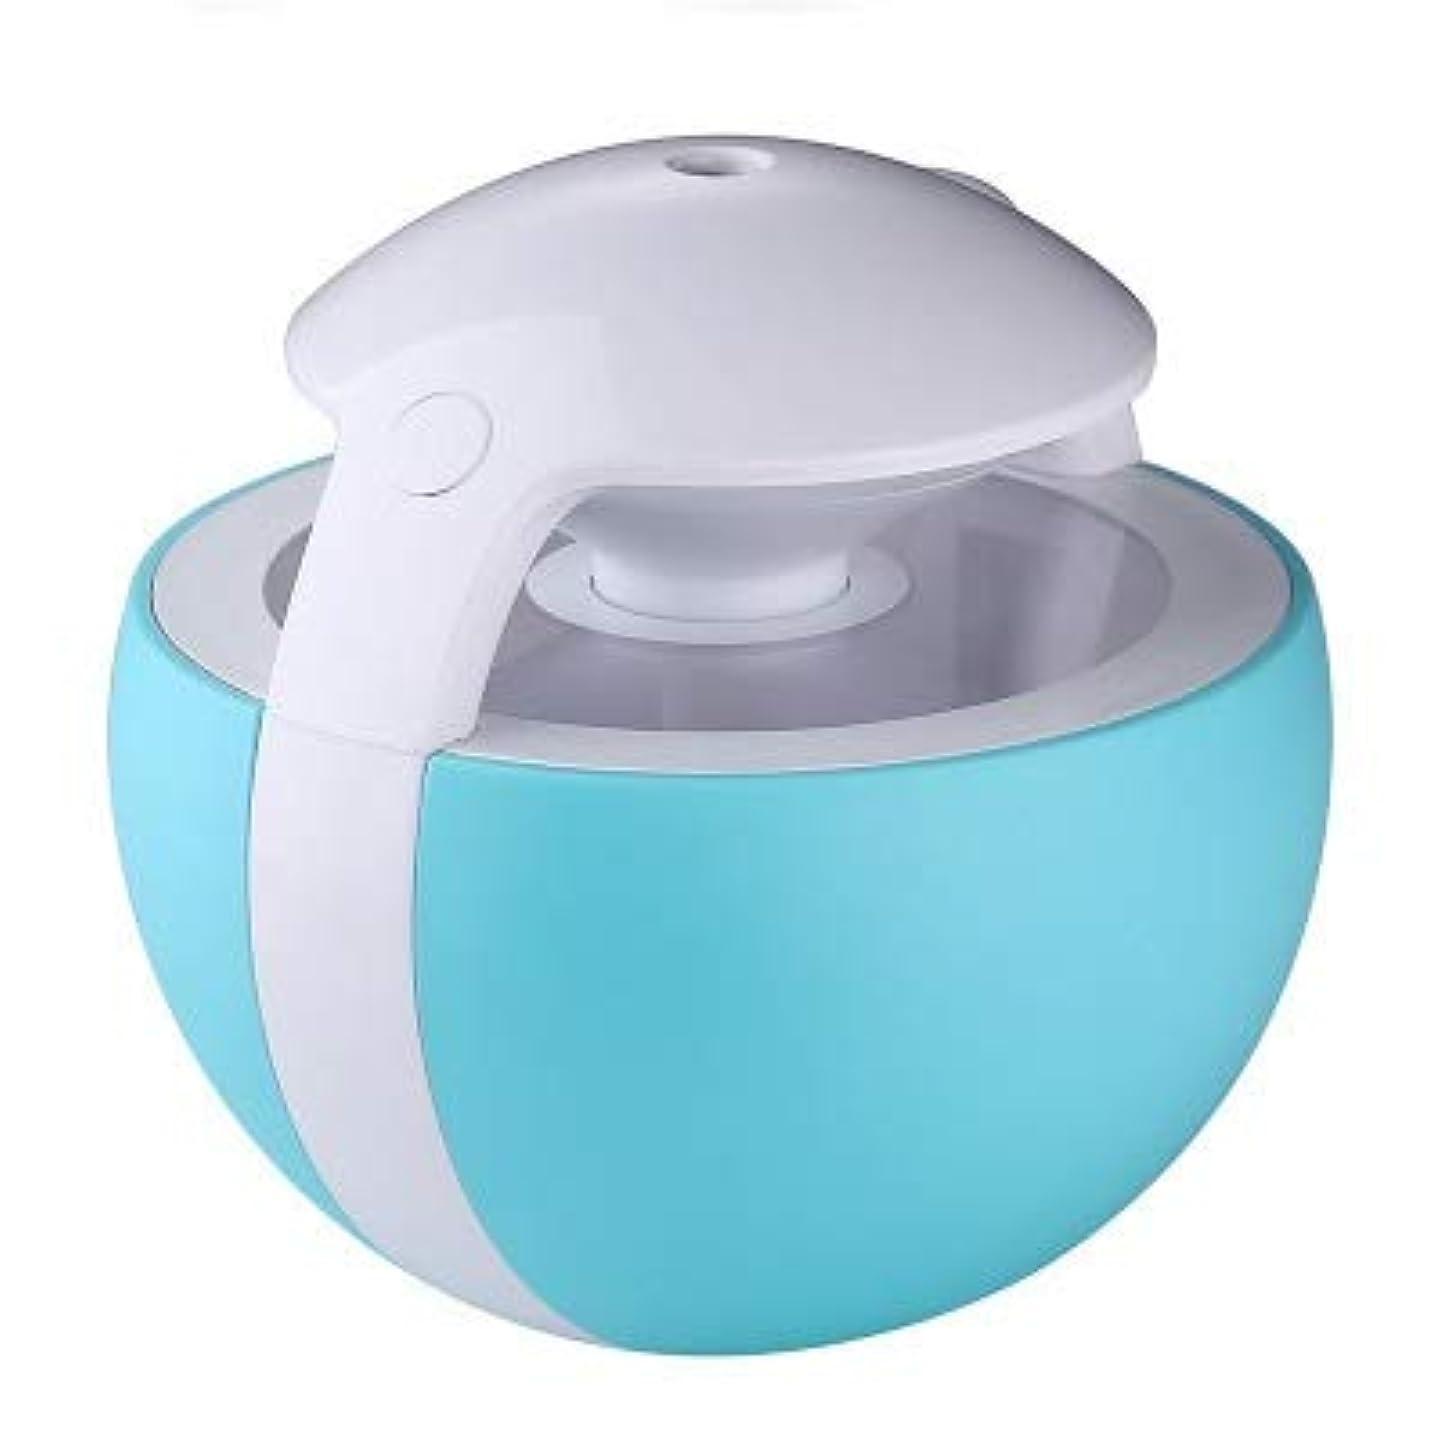 する規制薄汚いオフィスホームベッドルーム用超音波空気加湿器-アロマディフューザー-エッセンシャルオイルディフューザー-快適に眠り、職場を簡単に制御できる超静音 (Color : Blue)